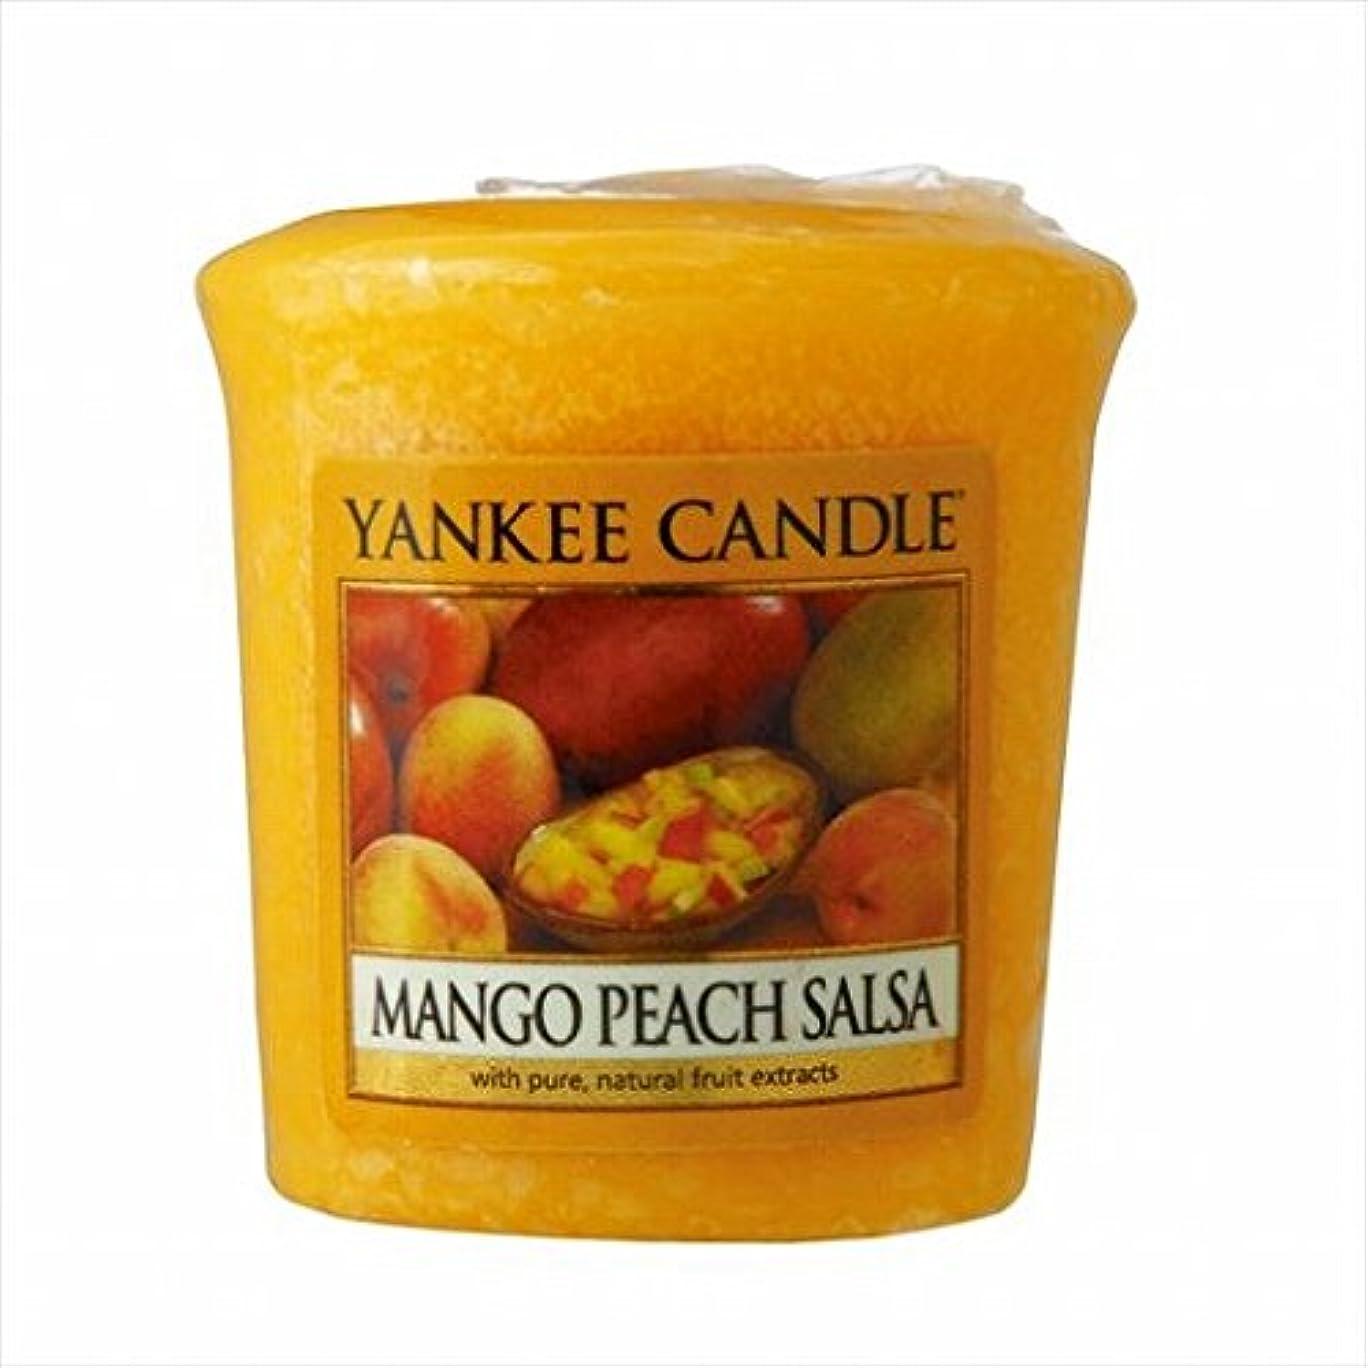 献身新年悲鳴カメヤマキャンドル(kameyama candle) YANKEE CANDLE サンプラー 「 マンゴーピーチサルサ 」